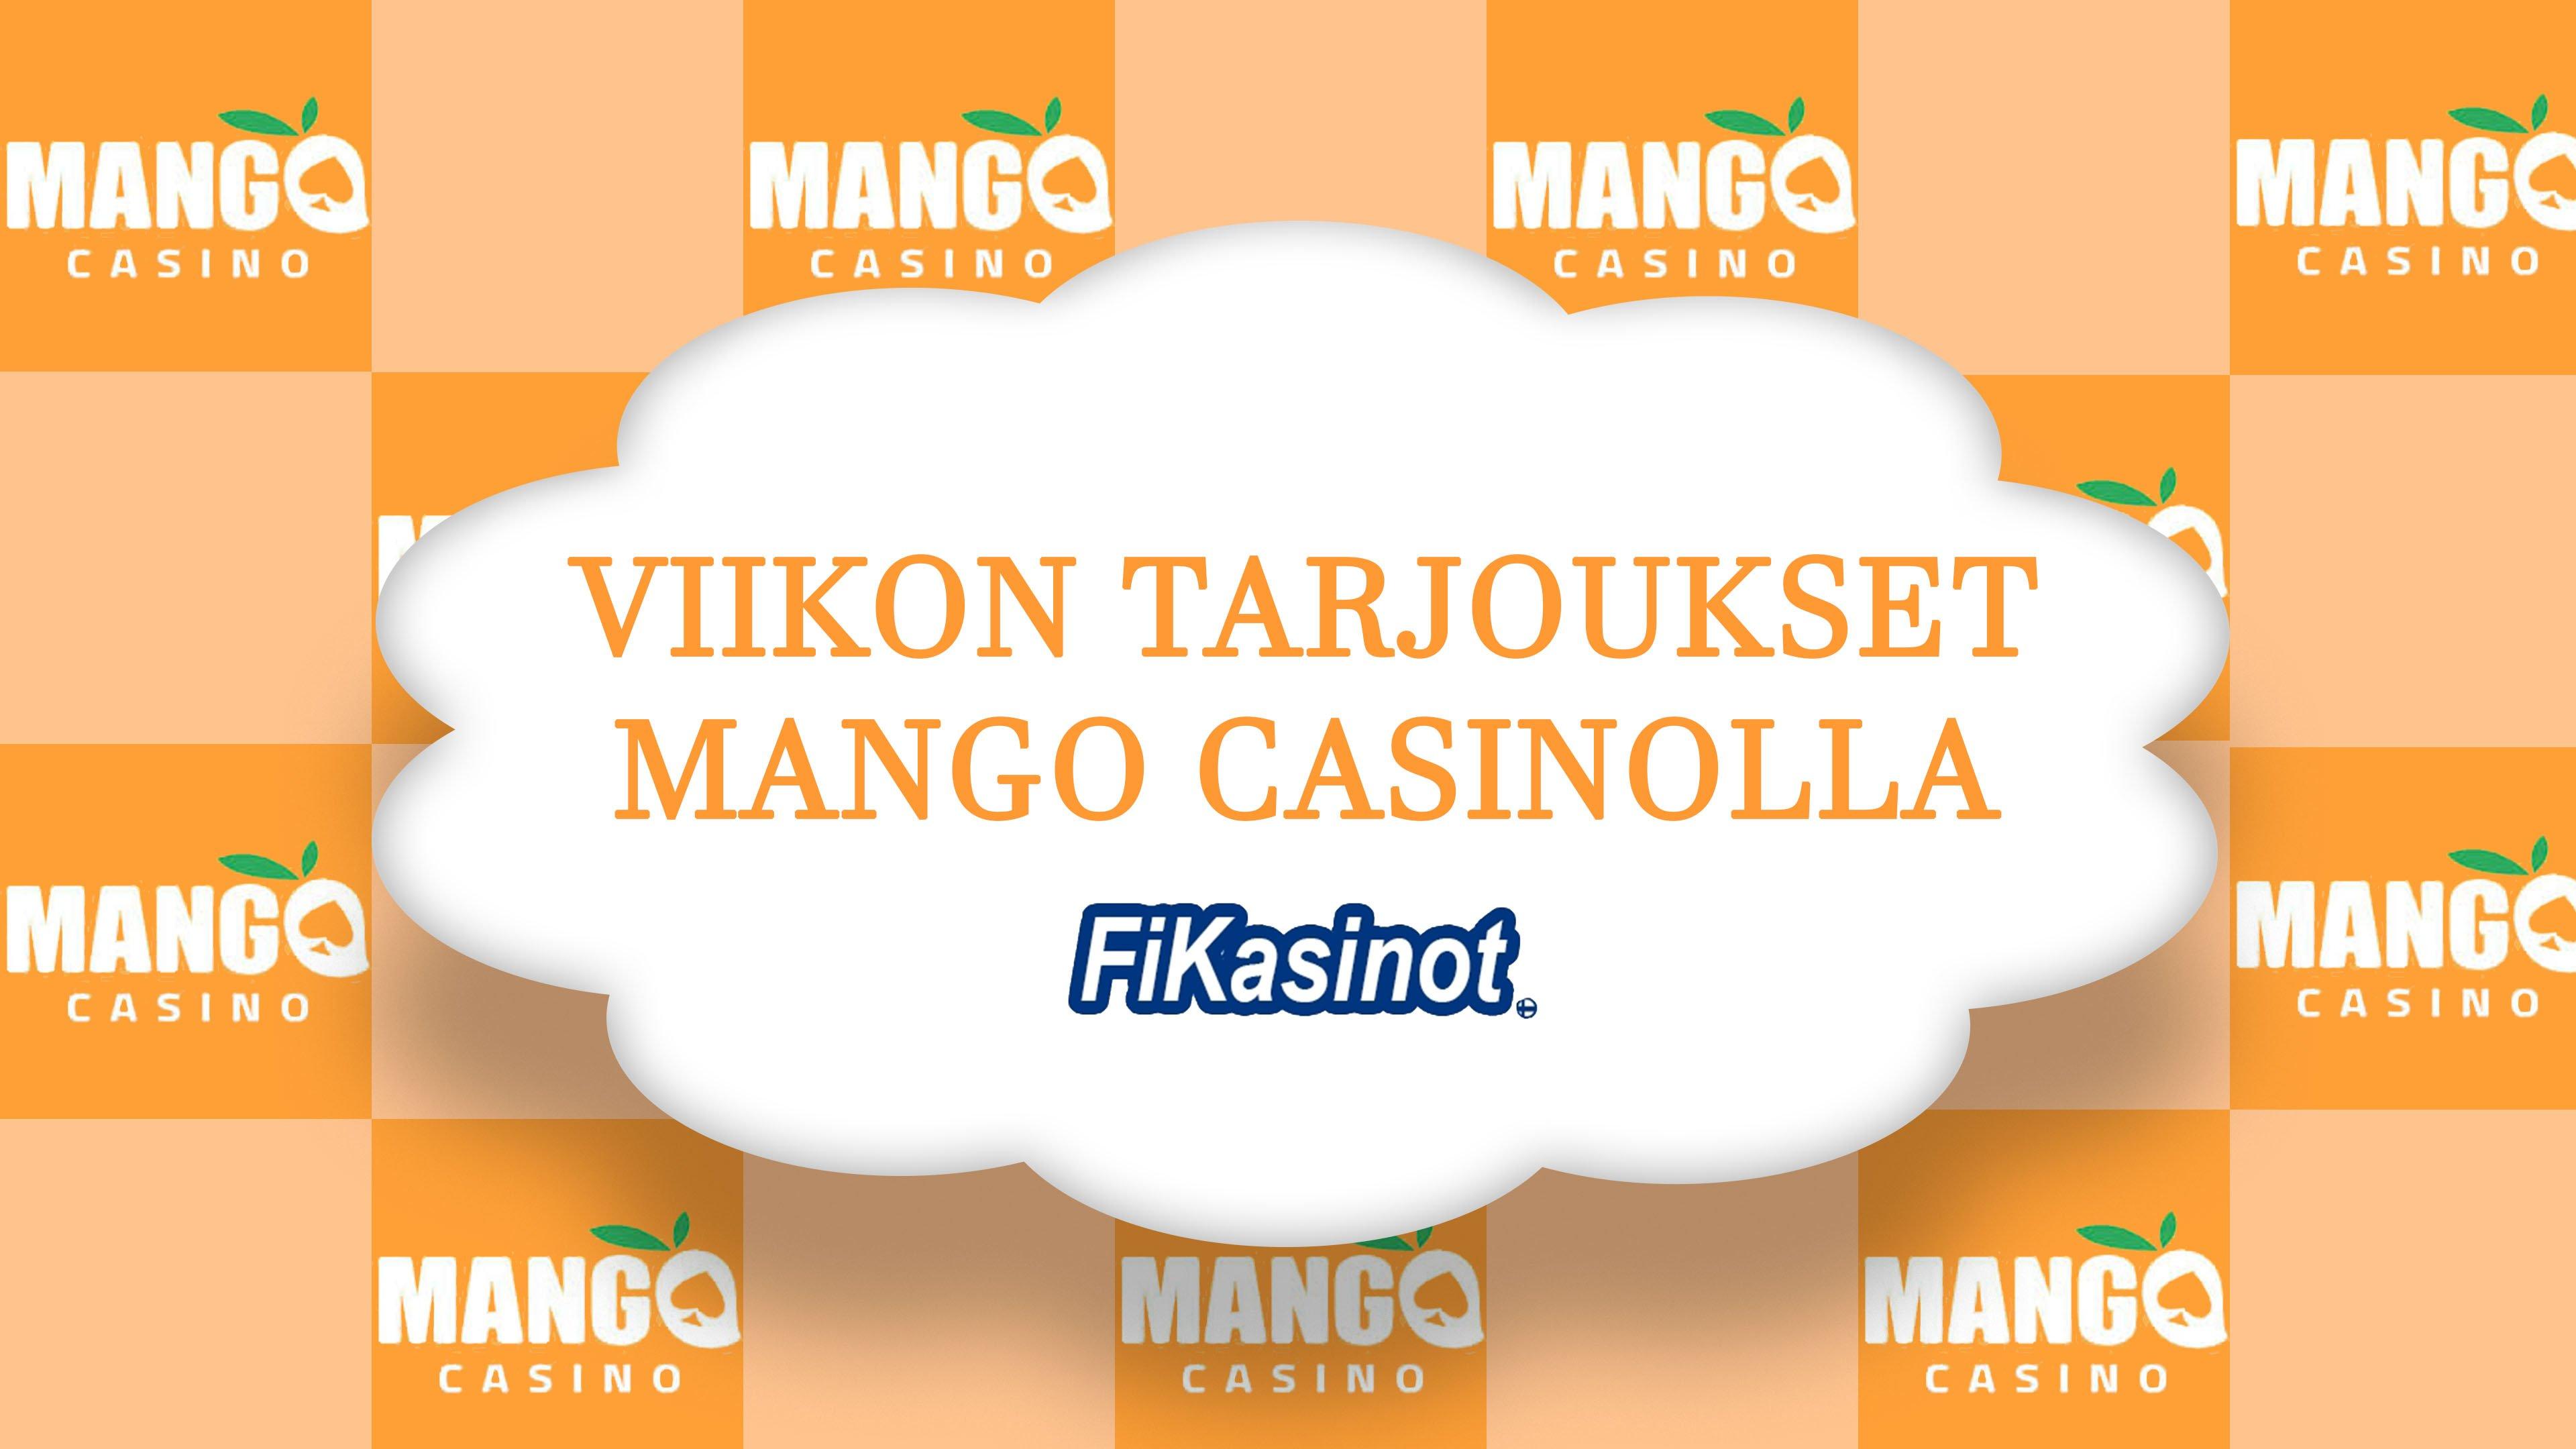 Viikon tarjoukset Mango Casinolla